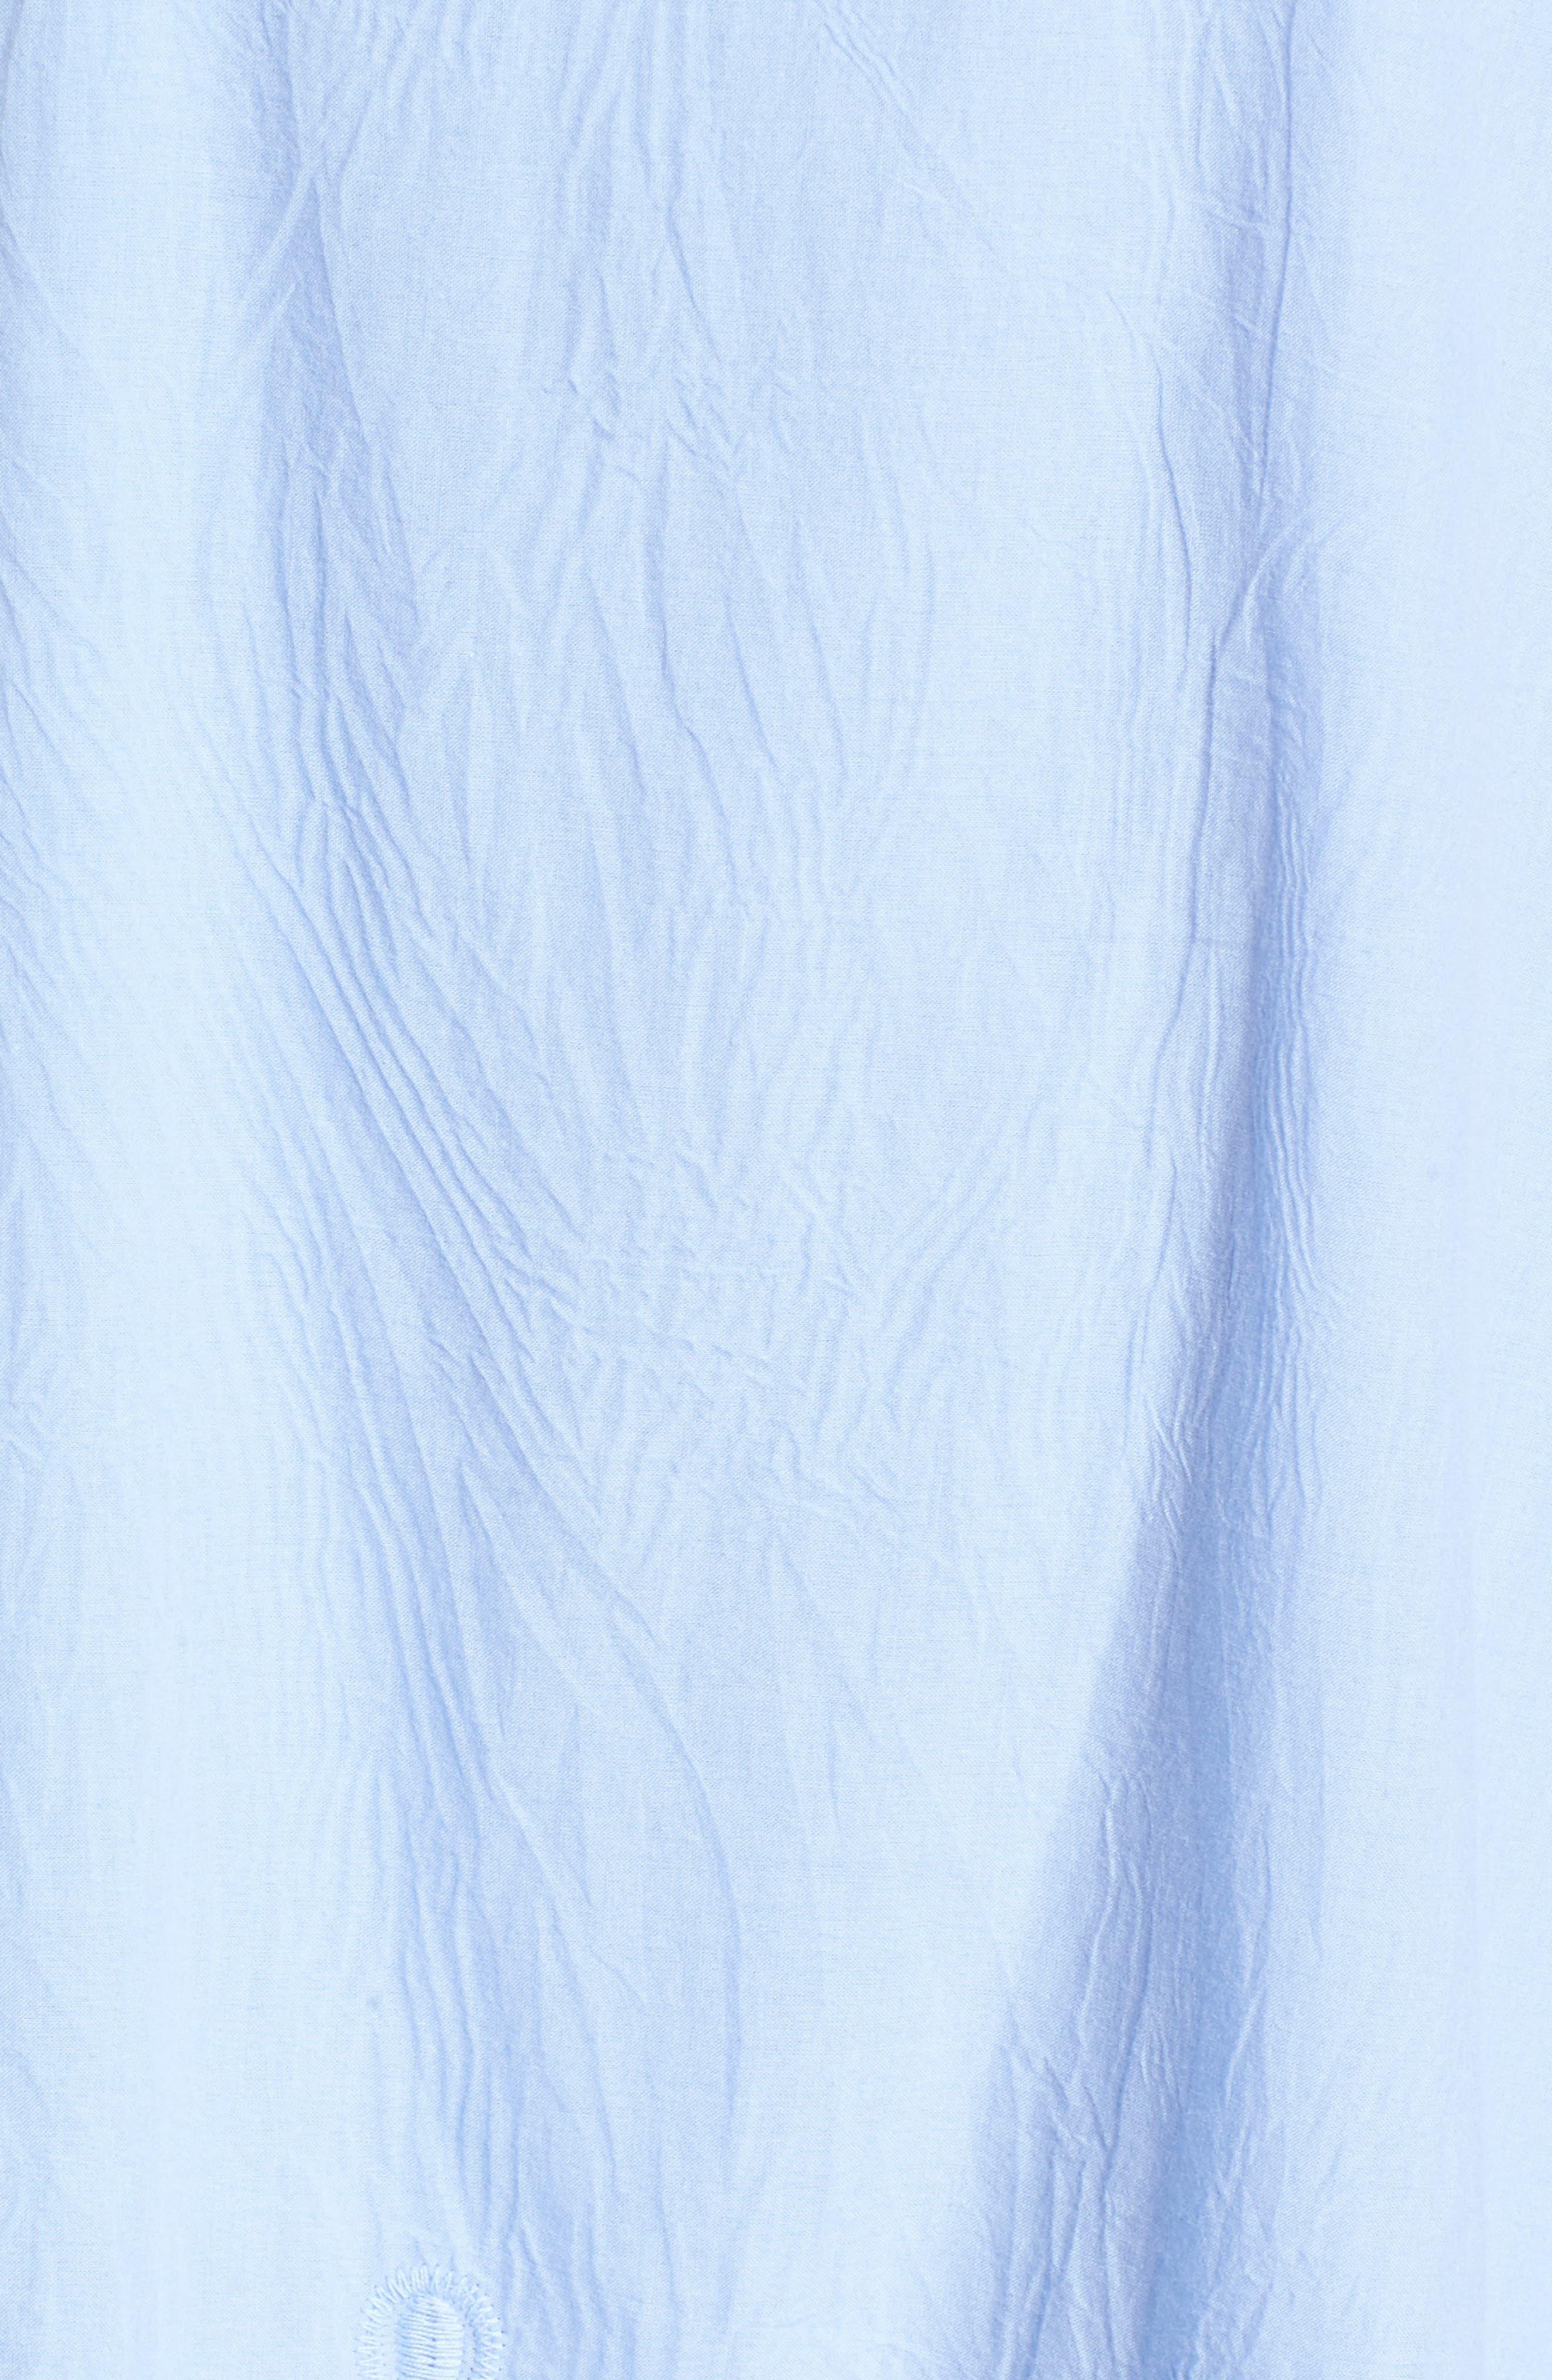 Lace Trim Off the Shoulder Dress,                             Alternate thumbnail 5, color,                             Blue Powder